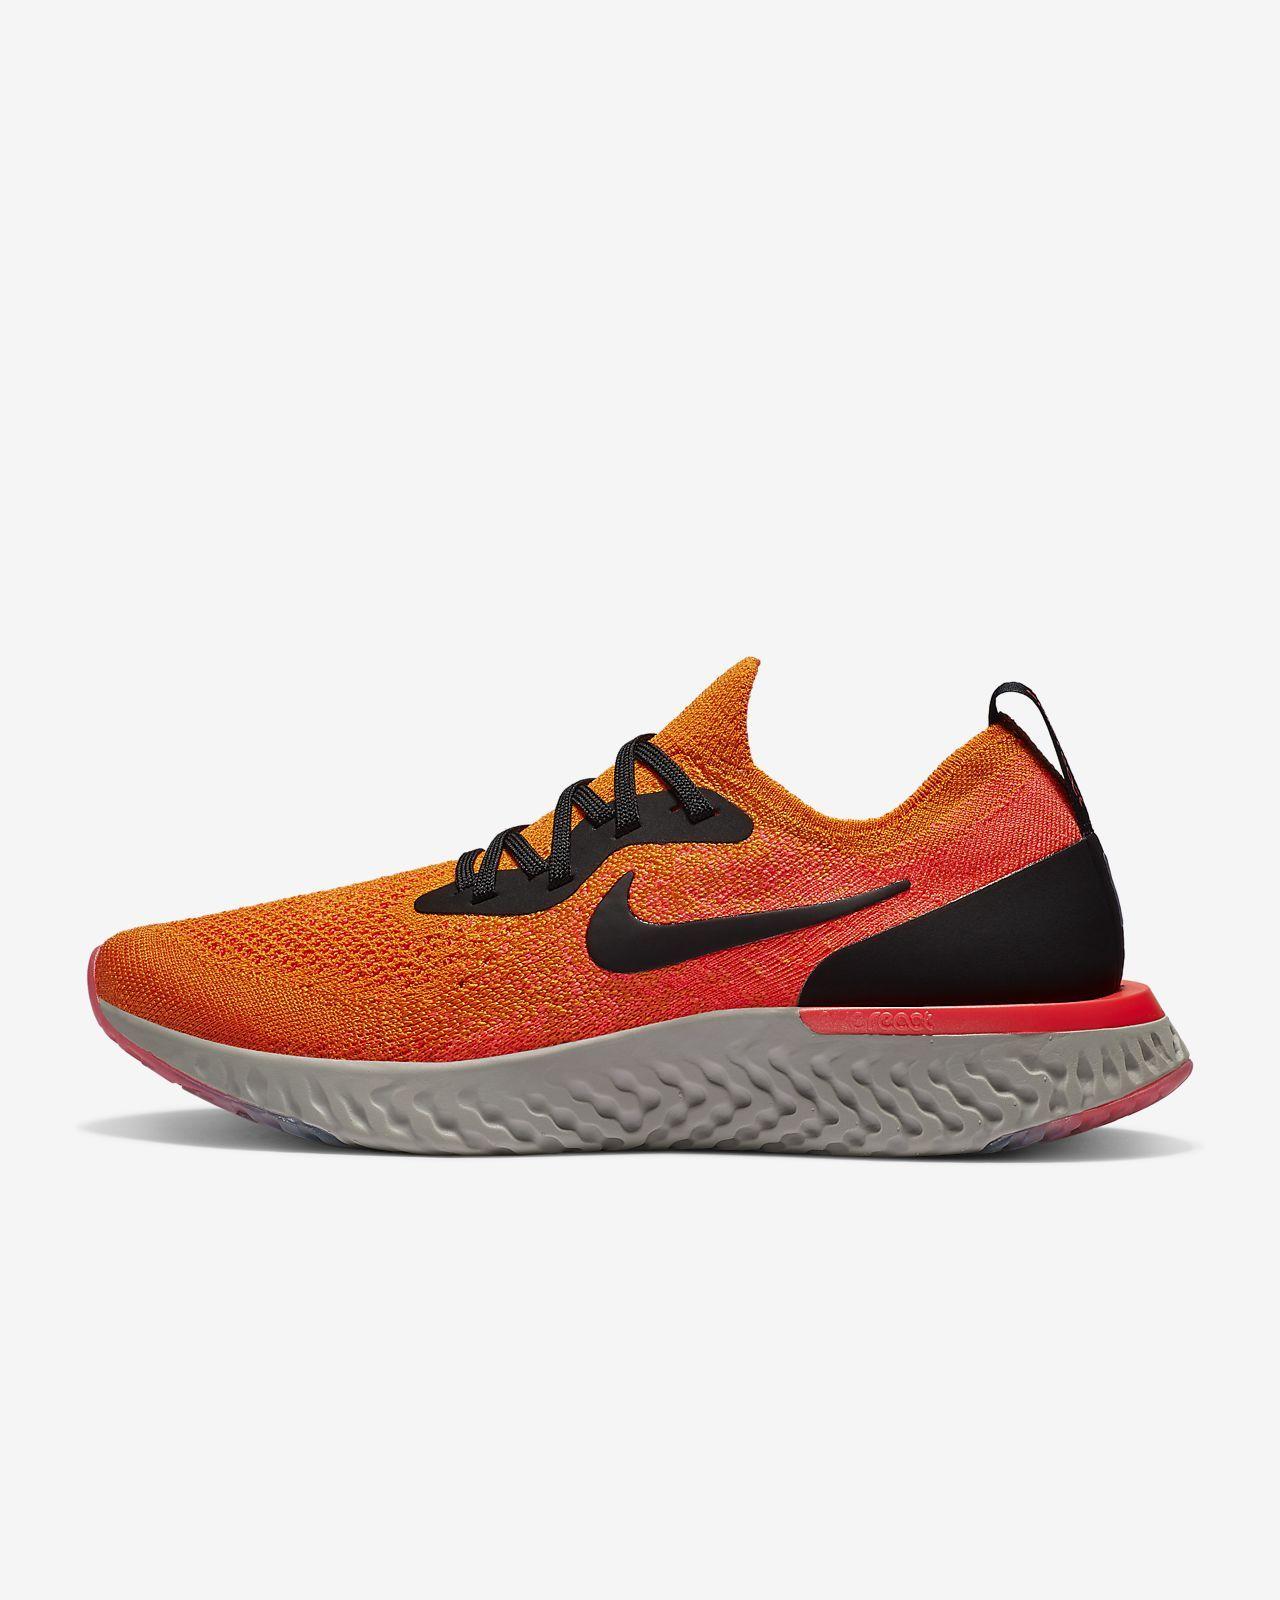 Tennessee Volunteers Nike Air Zoom Pegasus 36 Running Shoes